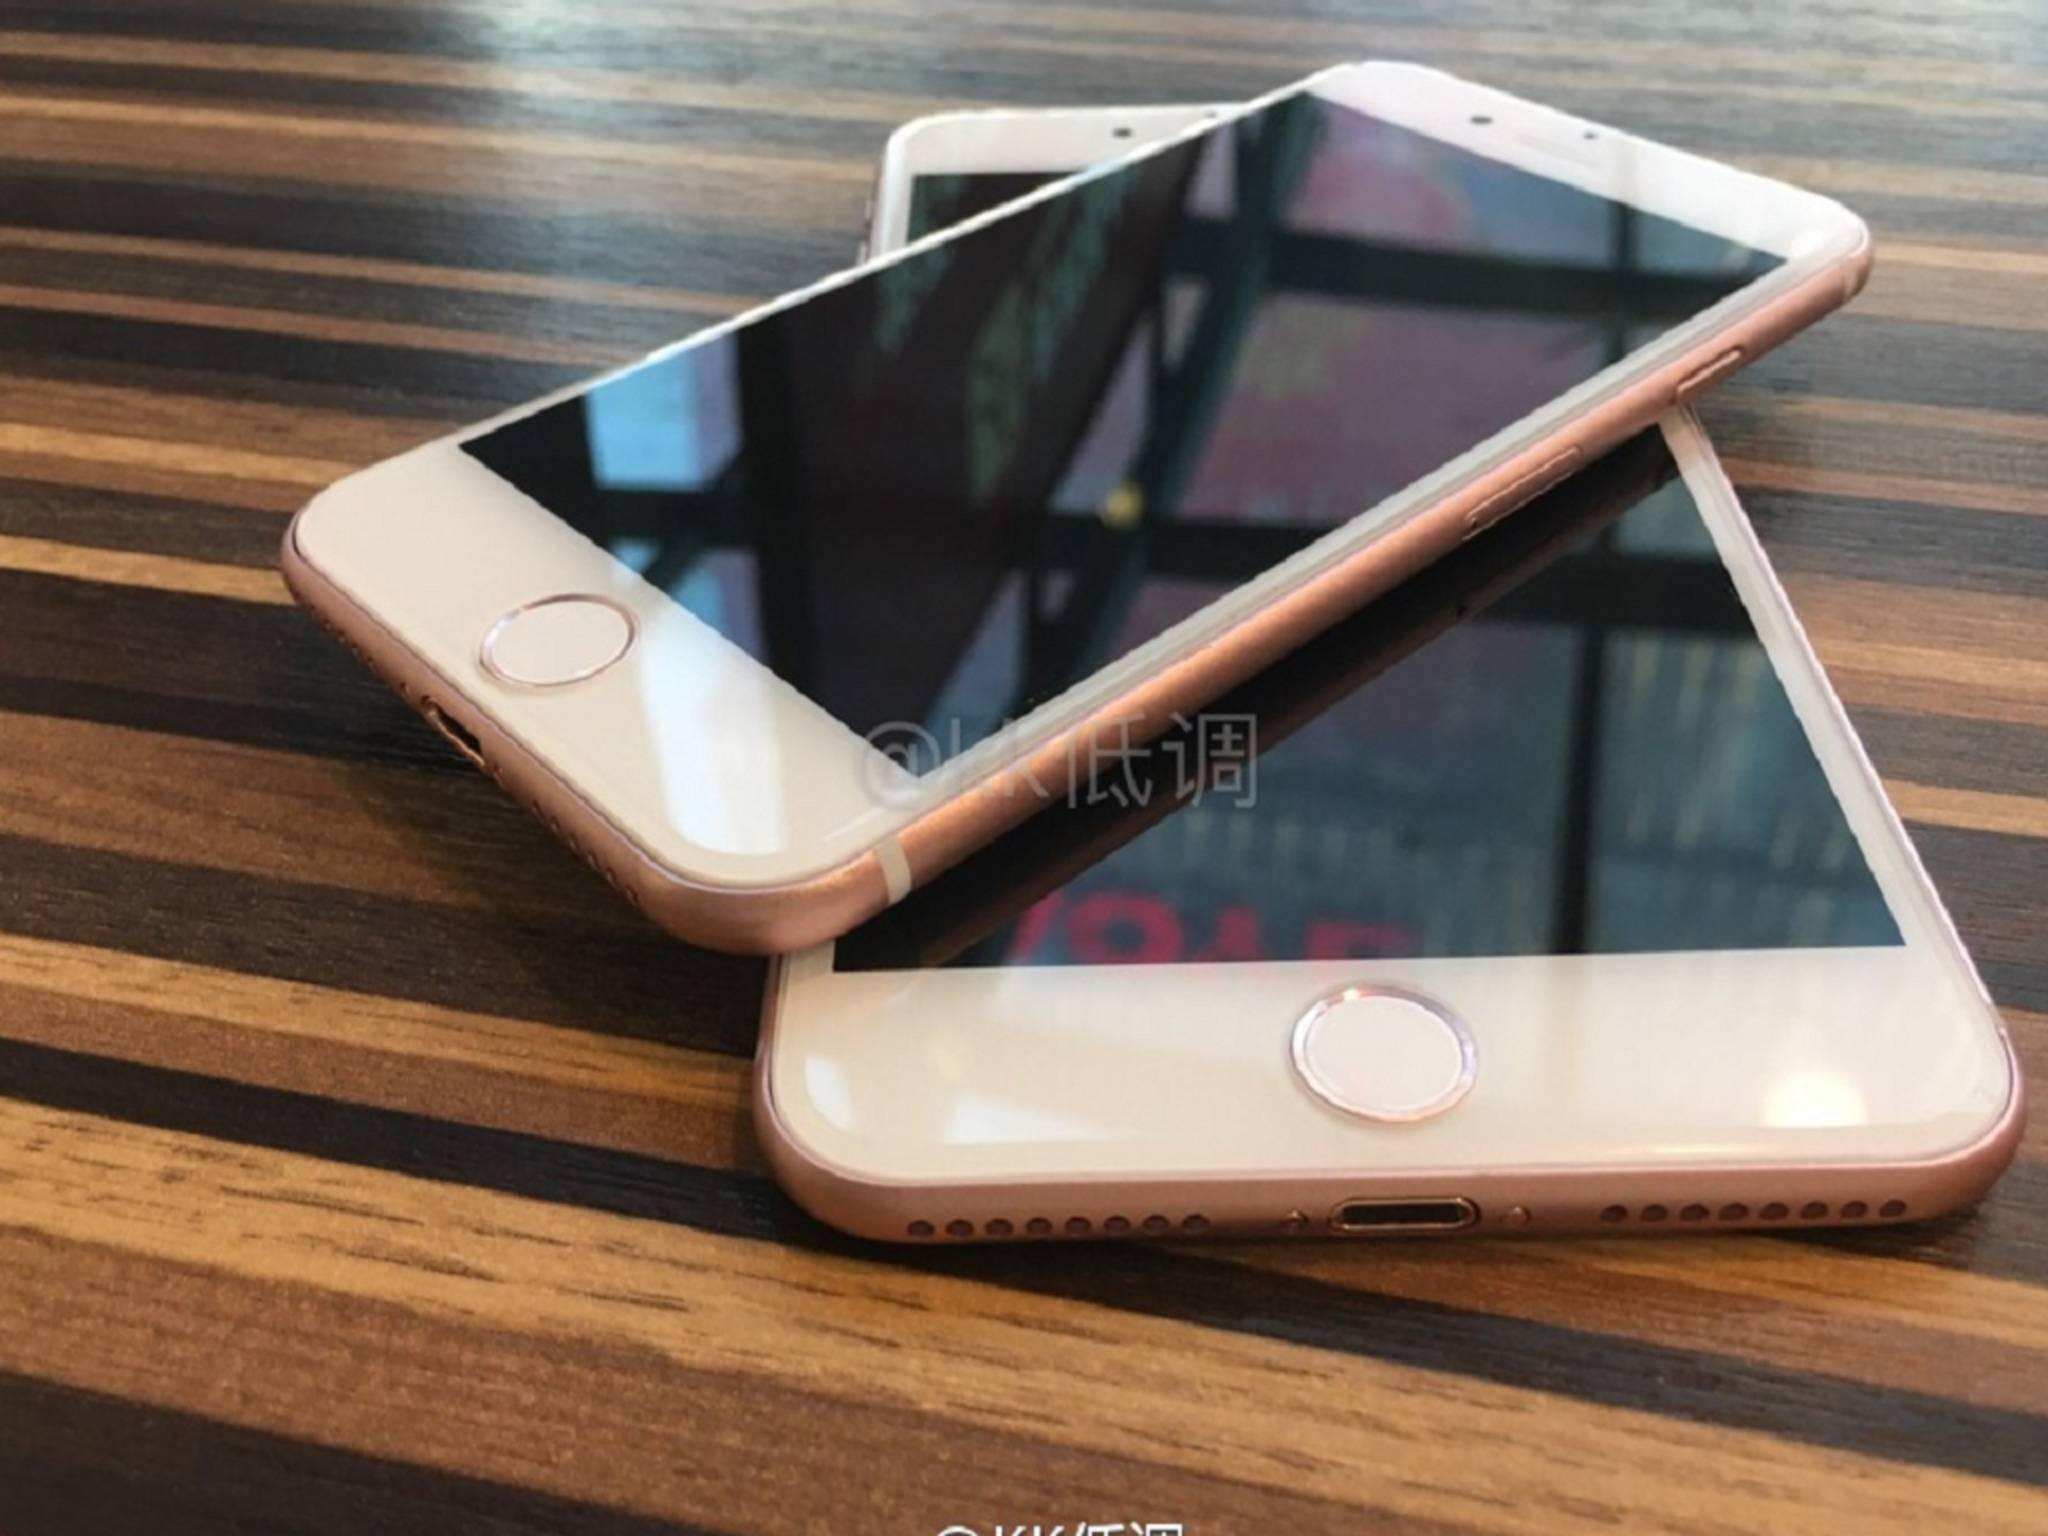 Das bekannteste Gerücht: Das iPhone 7 soll keinen Kopfhöreranschluss mehr haben.